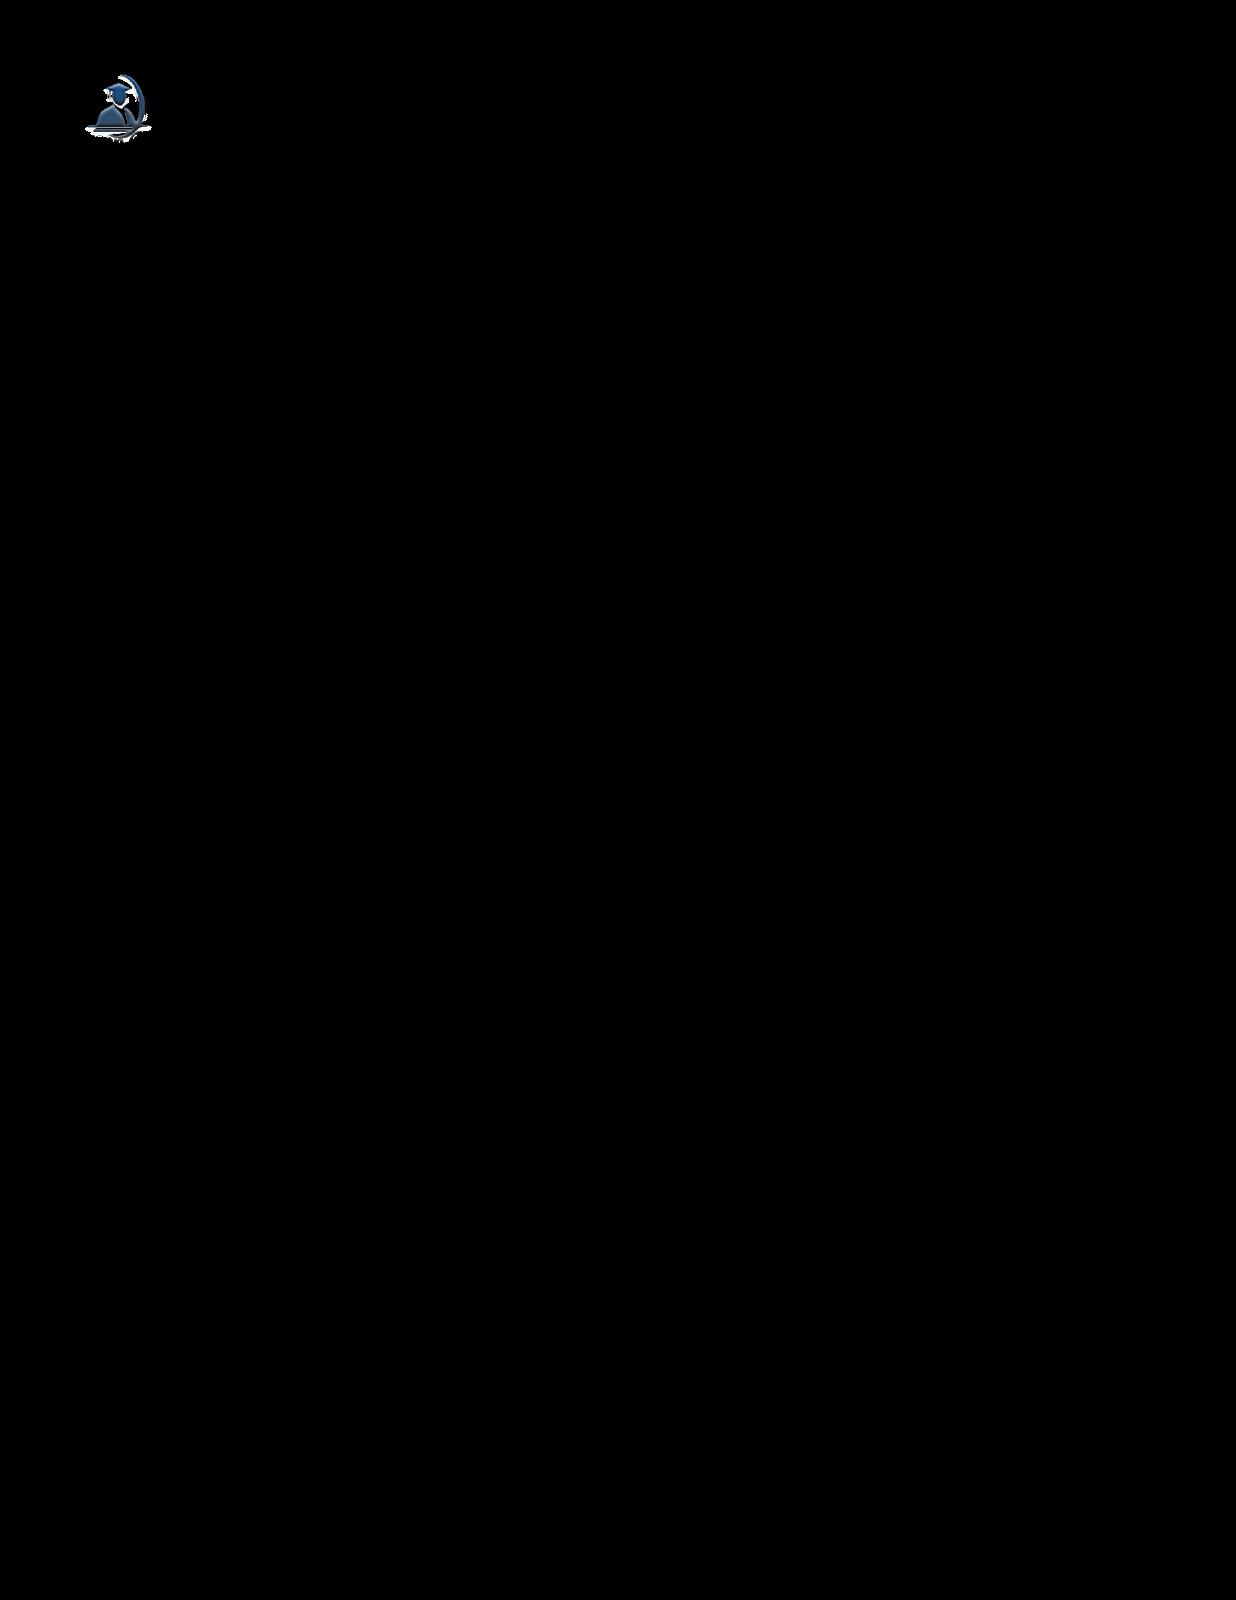 Pin de Wojciech Huńka em Nuty | Partituras e Musica